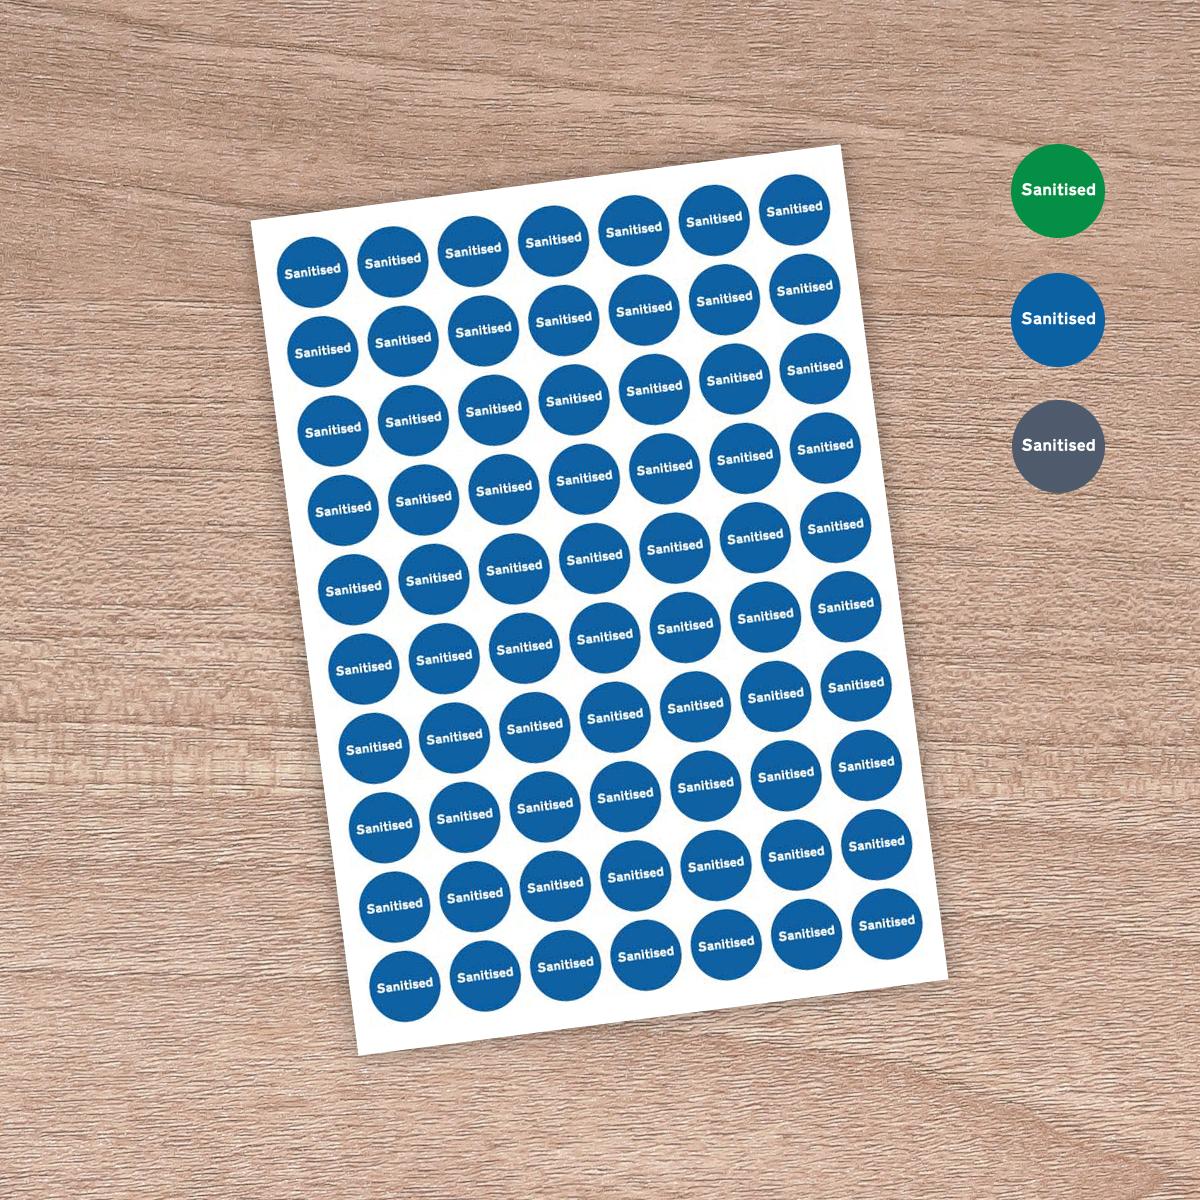 """25mm """"Sanitised"""" - Table / Desk / Workstation / Door - Information Stickers - Sign Blue"""